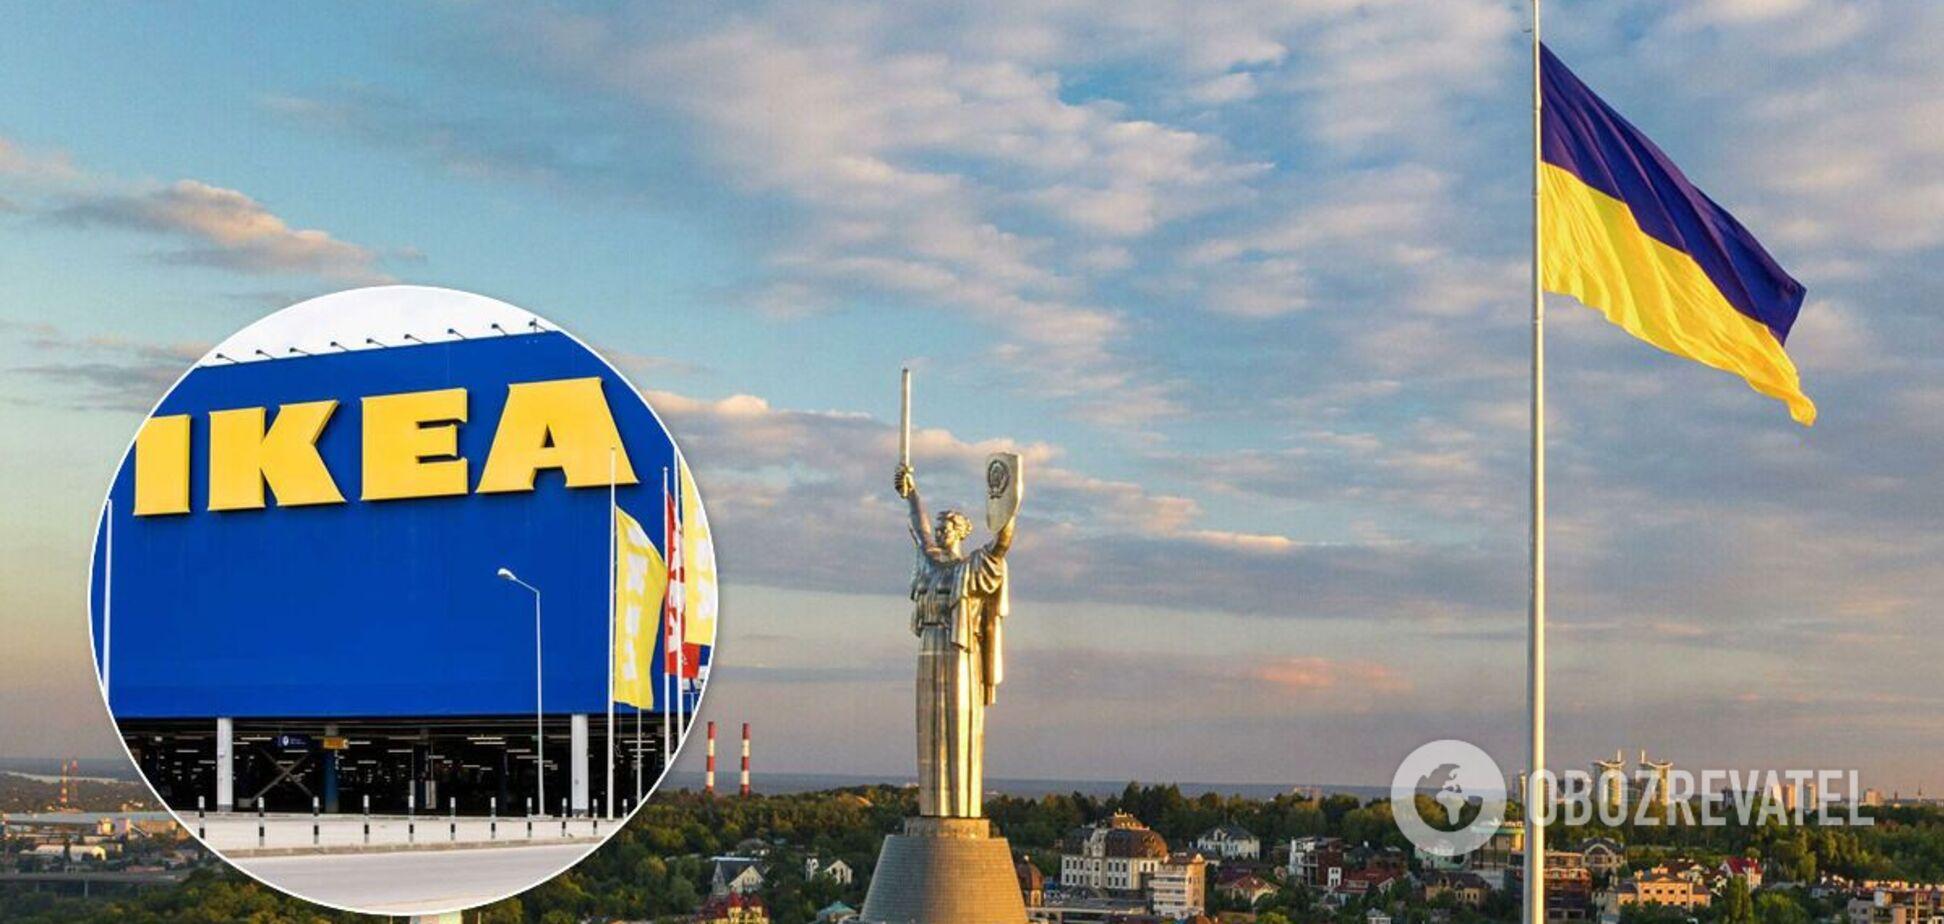 IKEA нацелилась на дорогую европейскую недвижимость: Украина также могла бы получить больше